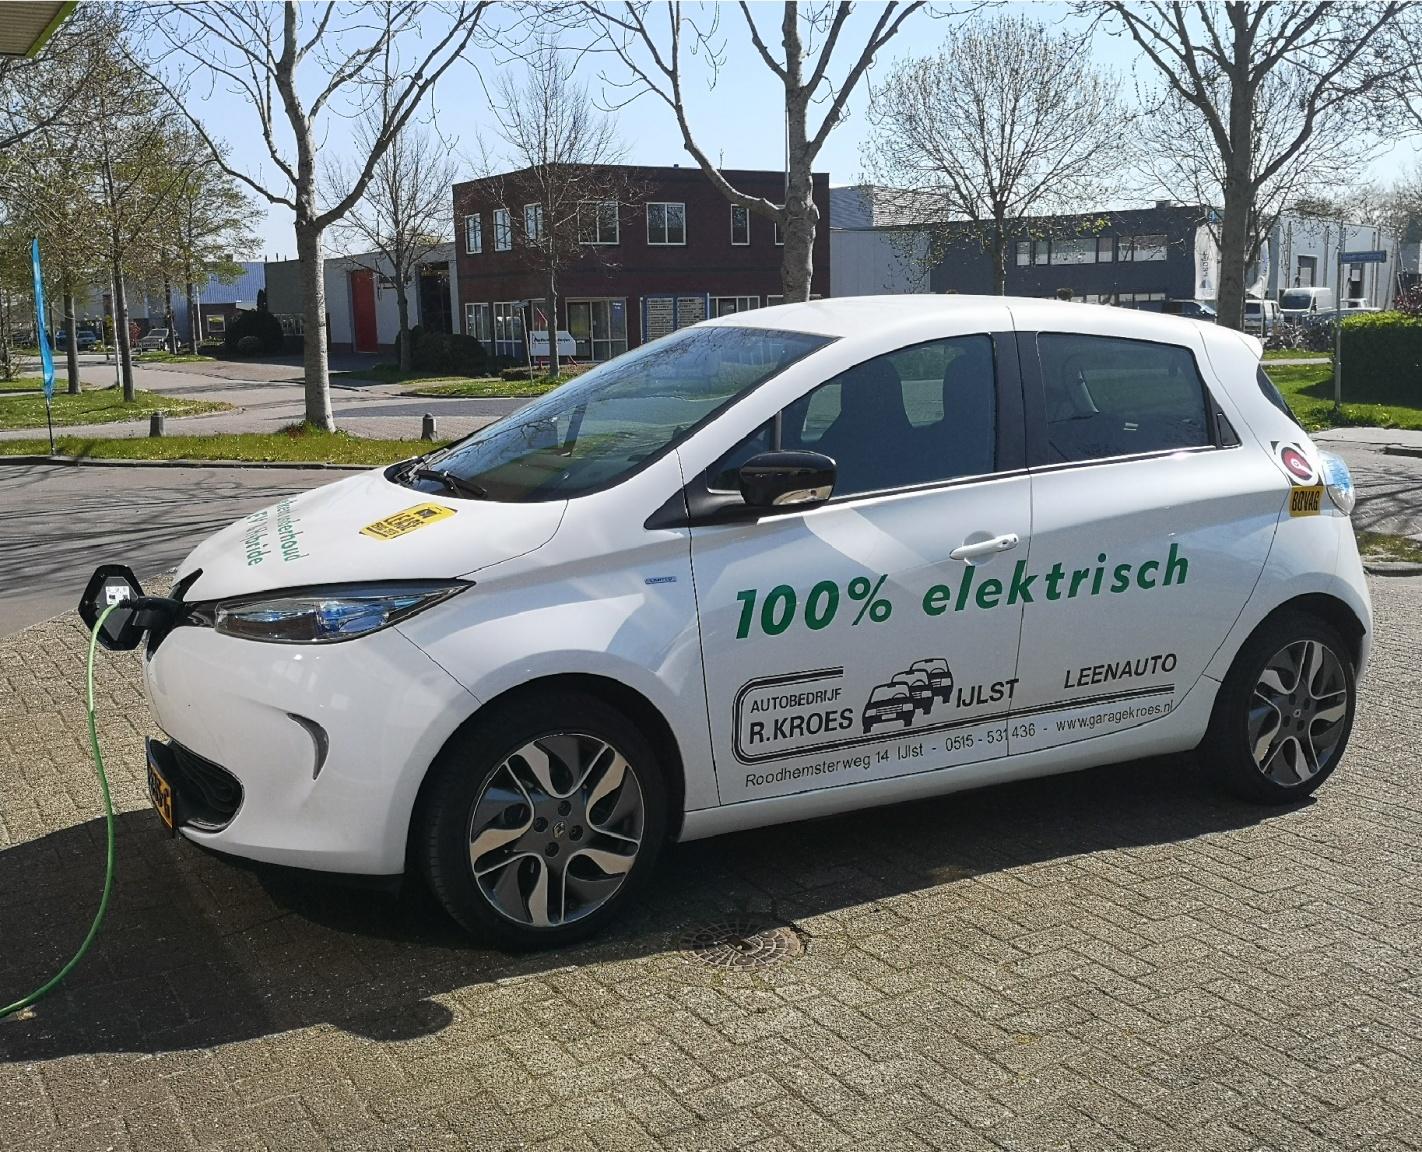 Elektrisch rijden met Kroes!-2021-03-04 12:08:58